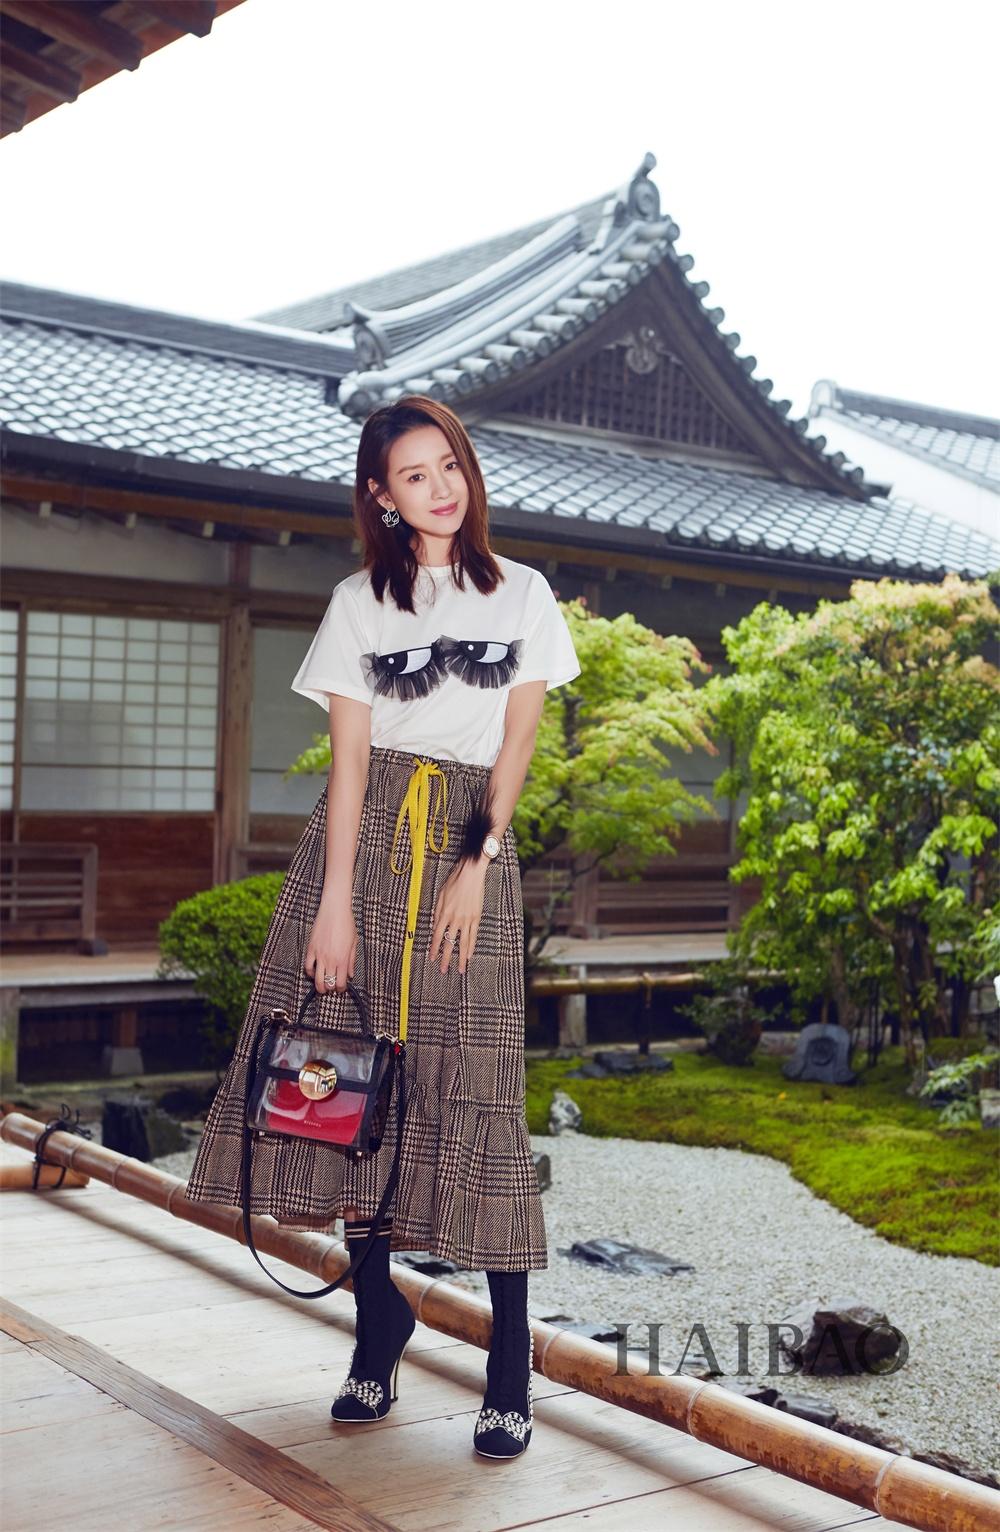 董洁京都漫步发布旅拍写真 网友惊叹:仙女本仙